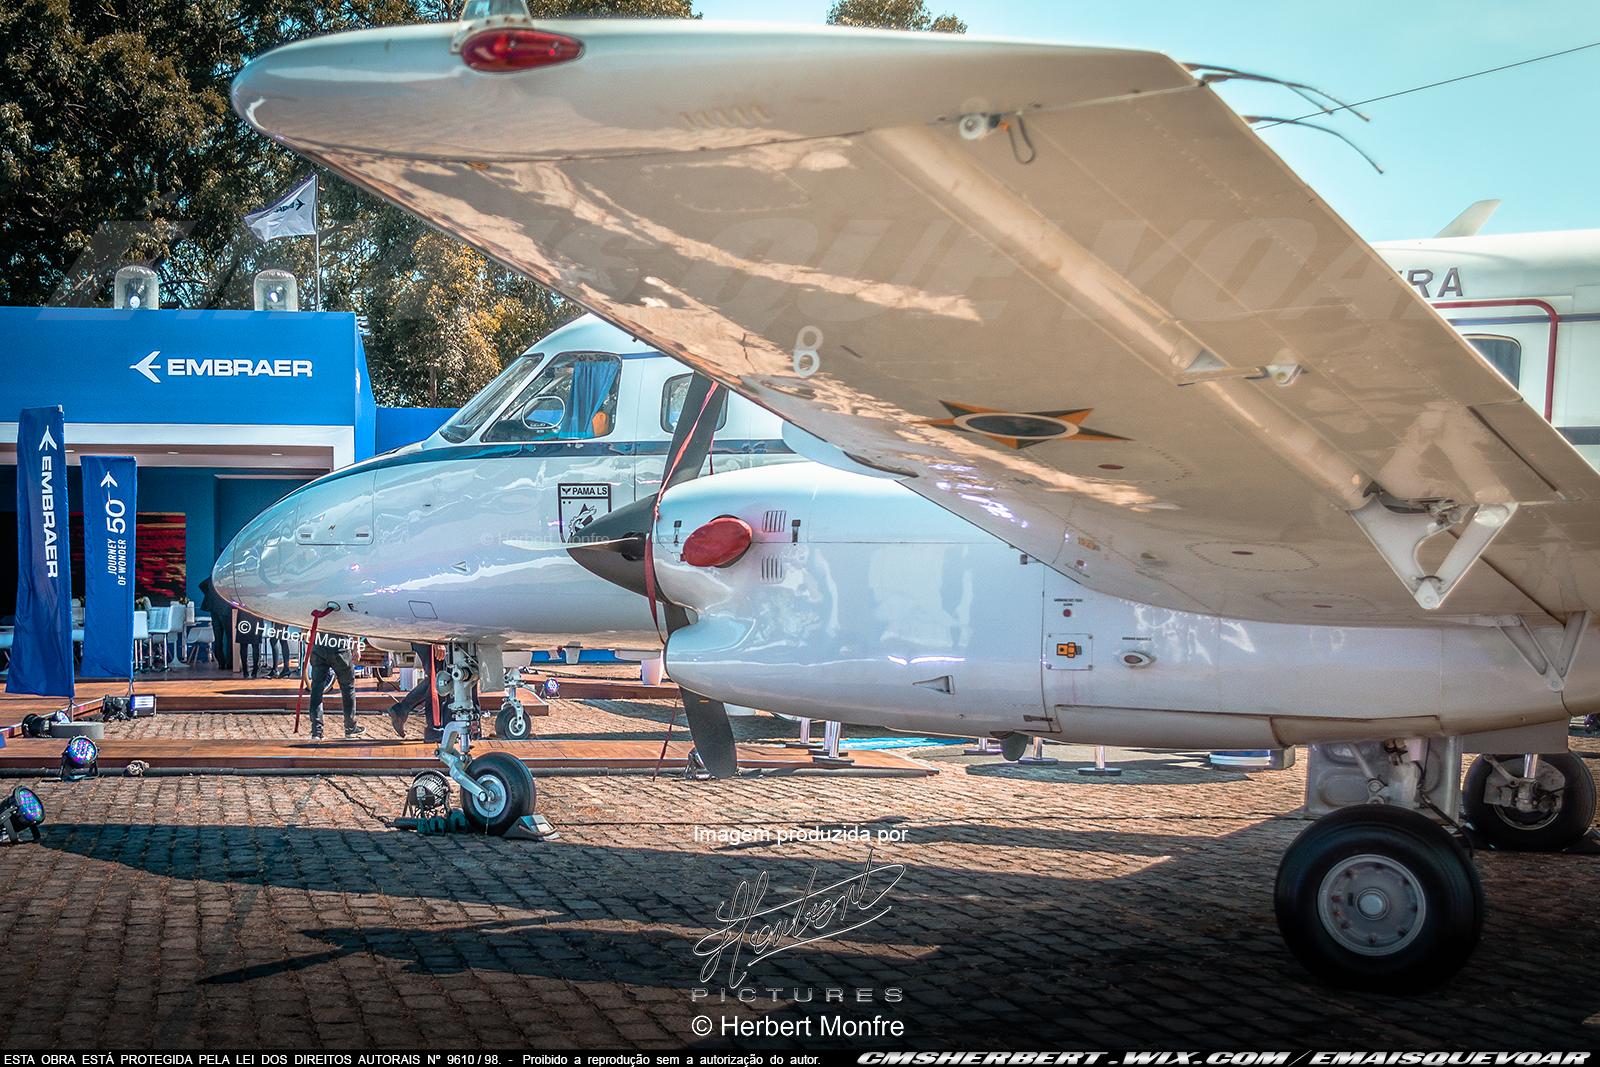 Embraer Bandeirante | FAB-2338 | Força Aérea Brasileira | Foto © Herbert Monfre - Contrate o fotógrafo em cmsherbert@hotmail.com | by É MAIS QUE VOAR | LABACE 2019